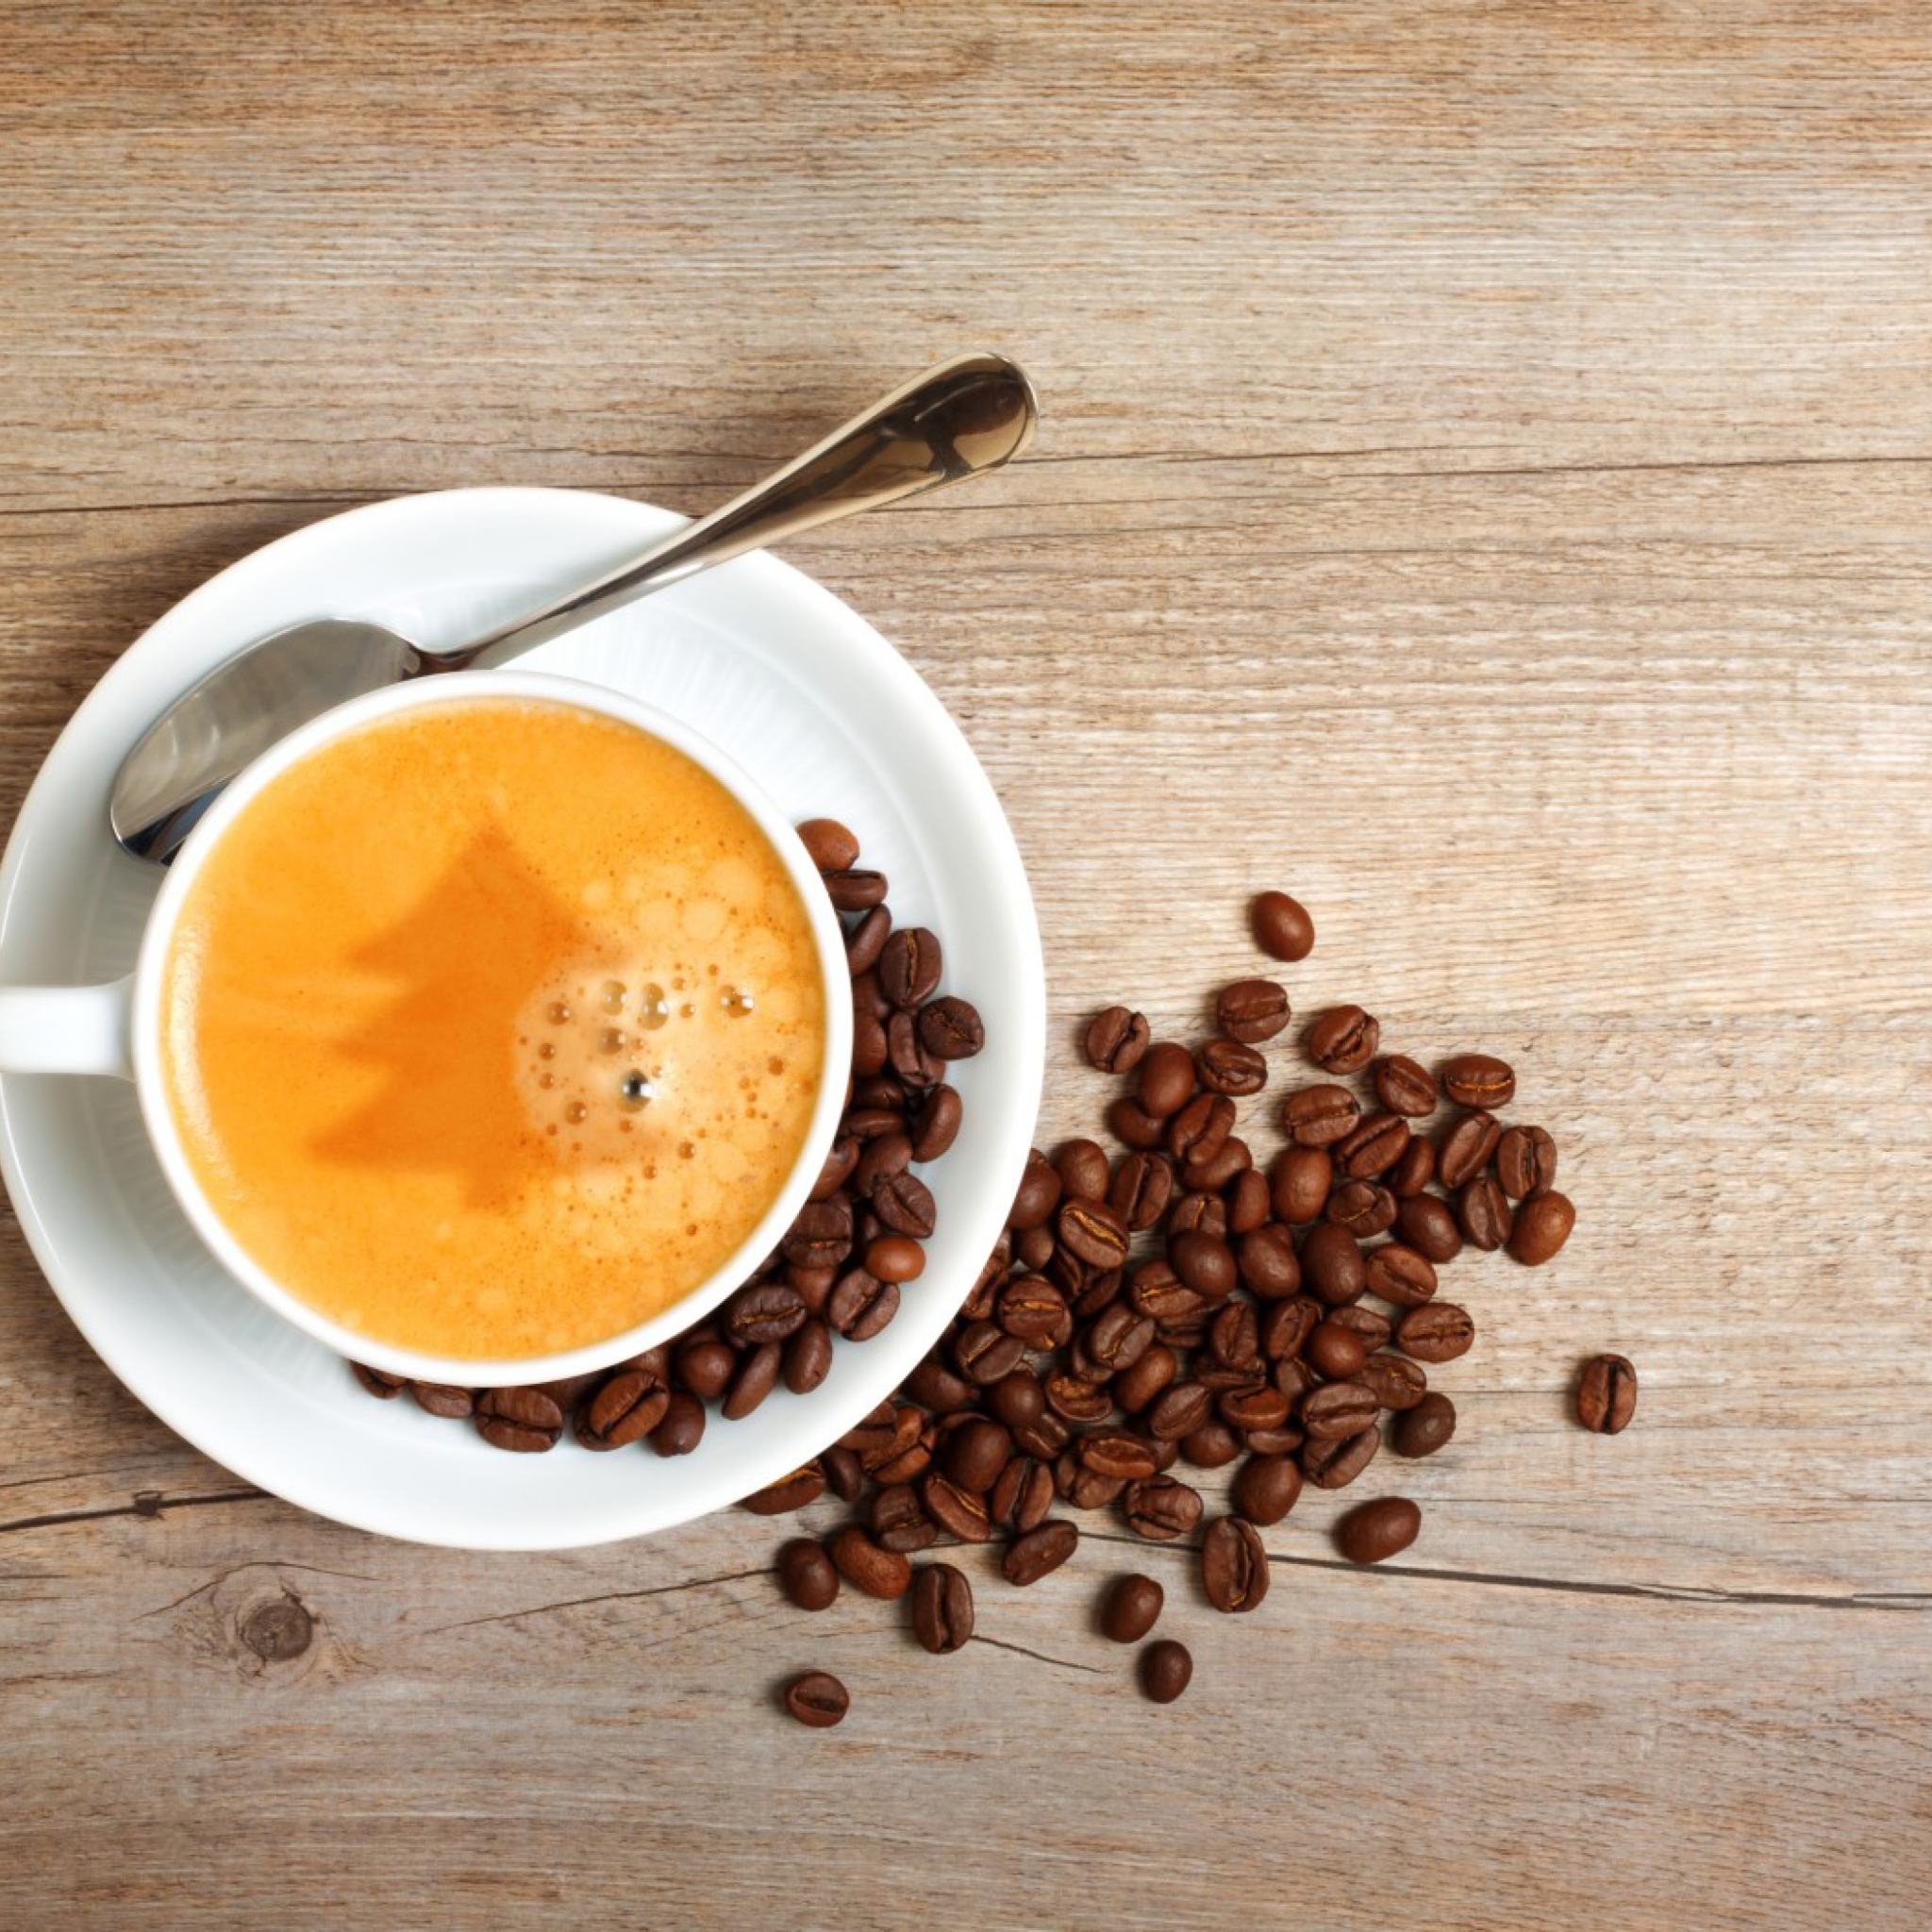 кофе рисунок ель еда  № 3256879 загрузить